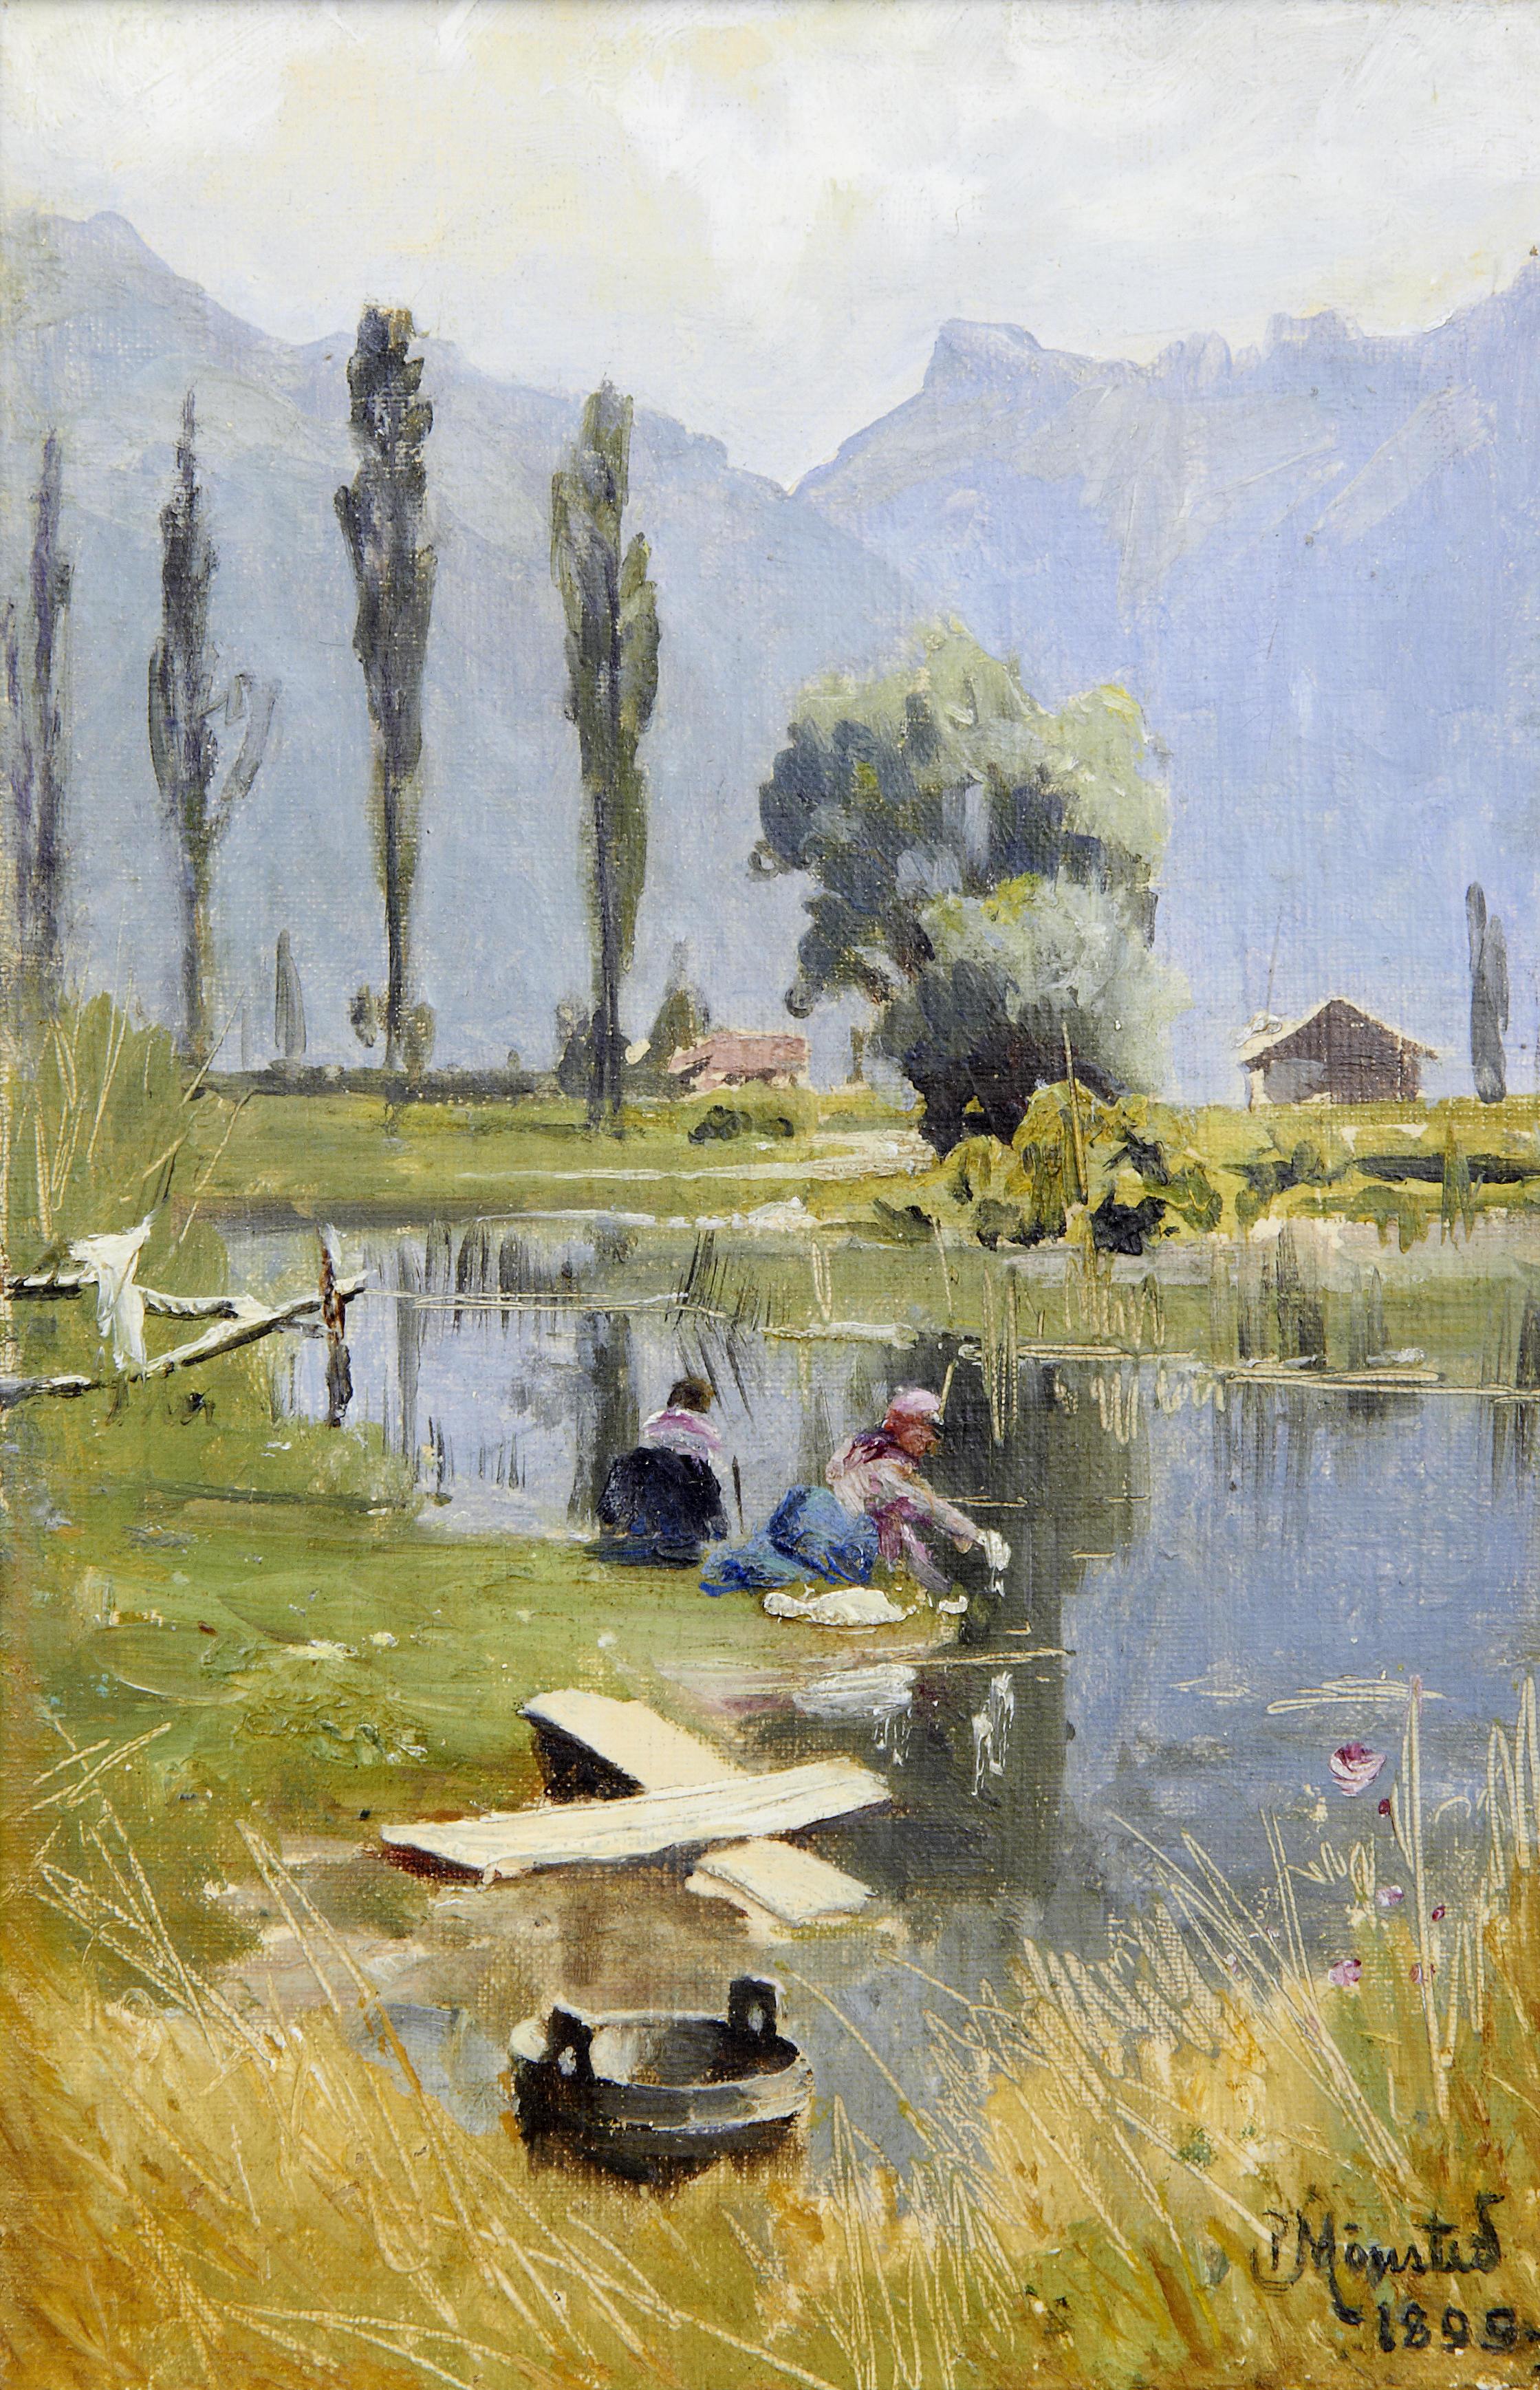 Best Medium For Oil Painting Wetcanvas